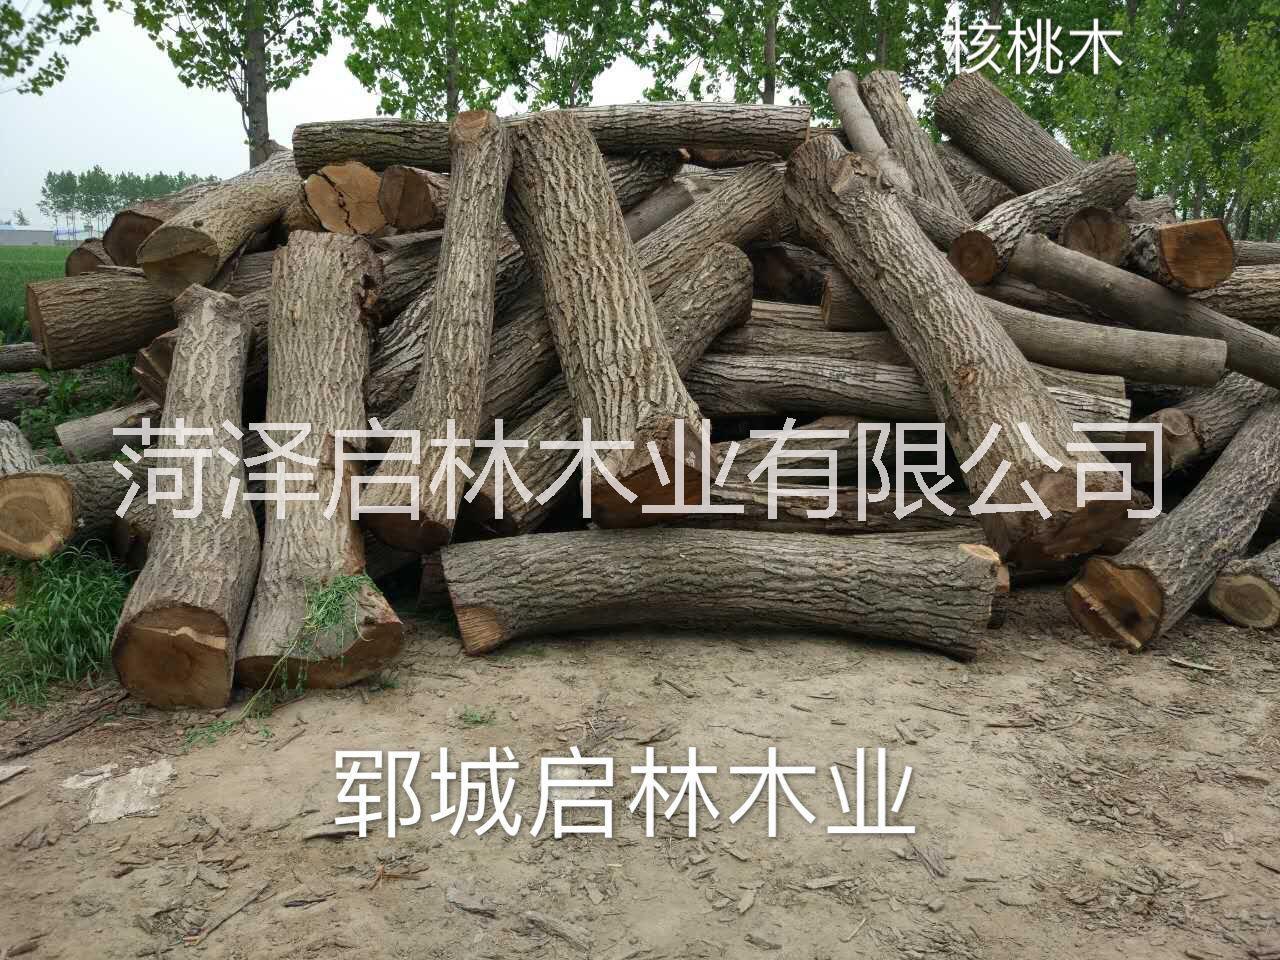 大量供应用于工艺品/雕刻/制作家具等的核桃木/优质大径核桃原木批发